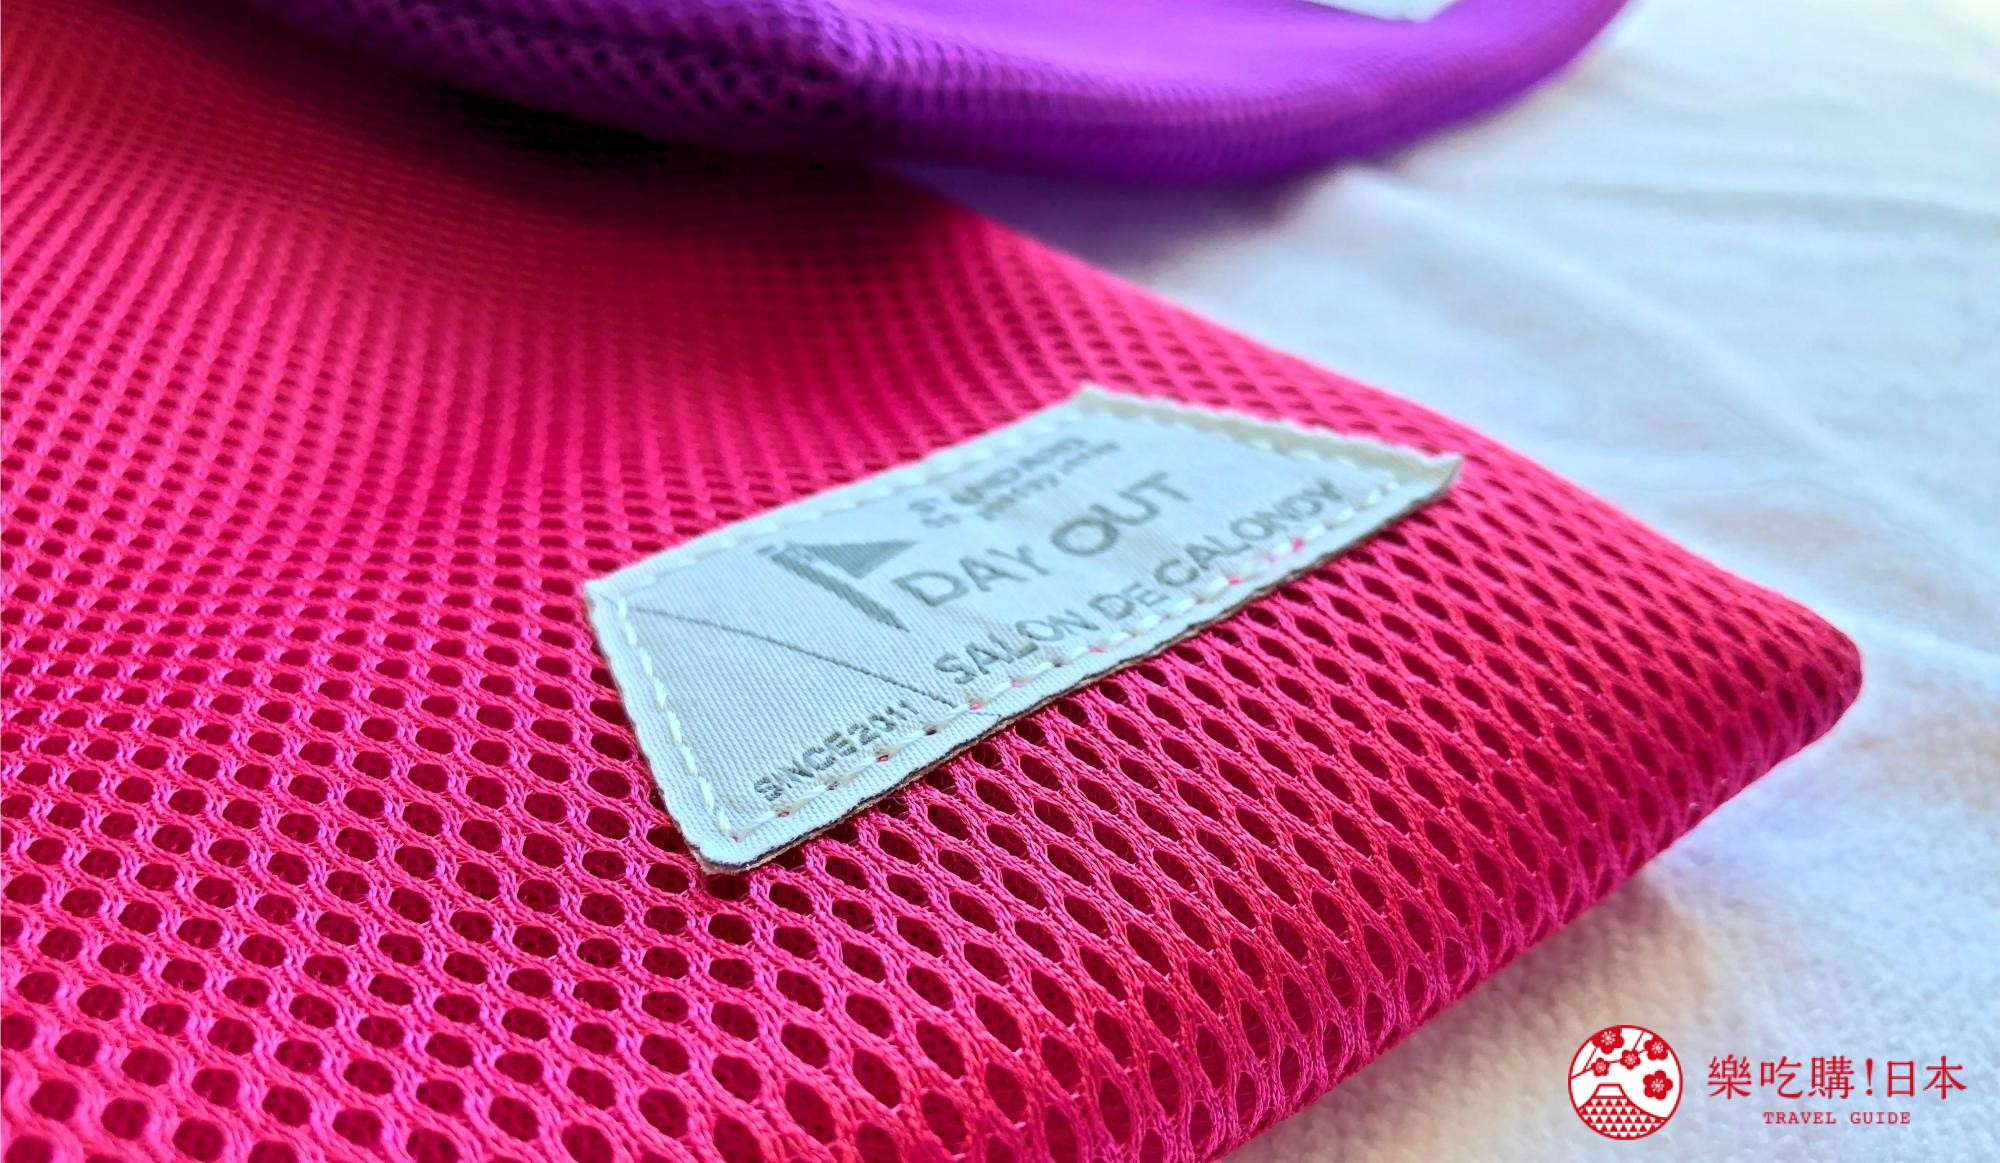 日本樂桃人氣原創設計商品的Peach X DAYOUT 限定色 Rough Bag(M,桃紅/紫)近照